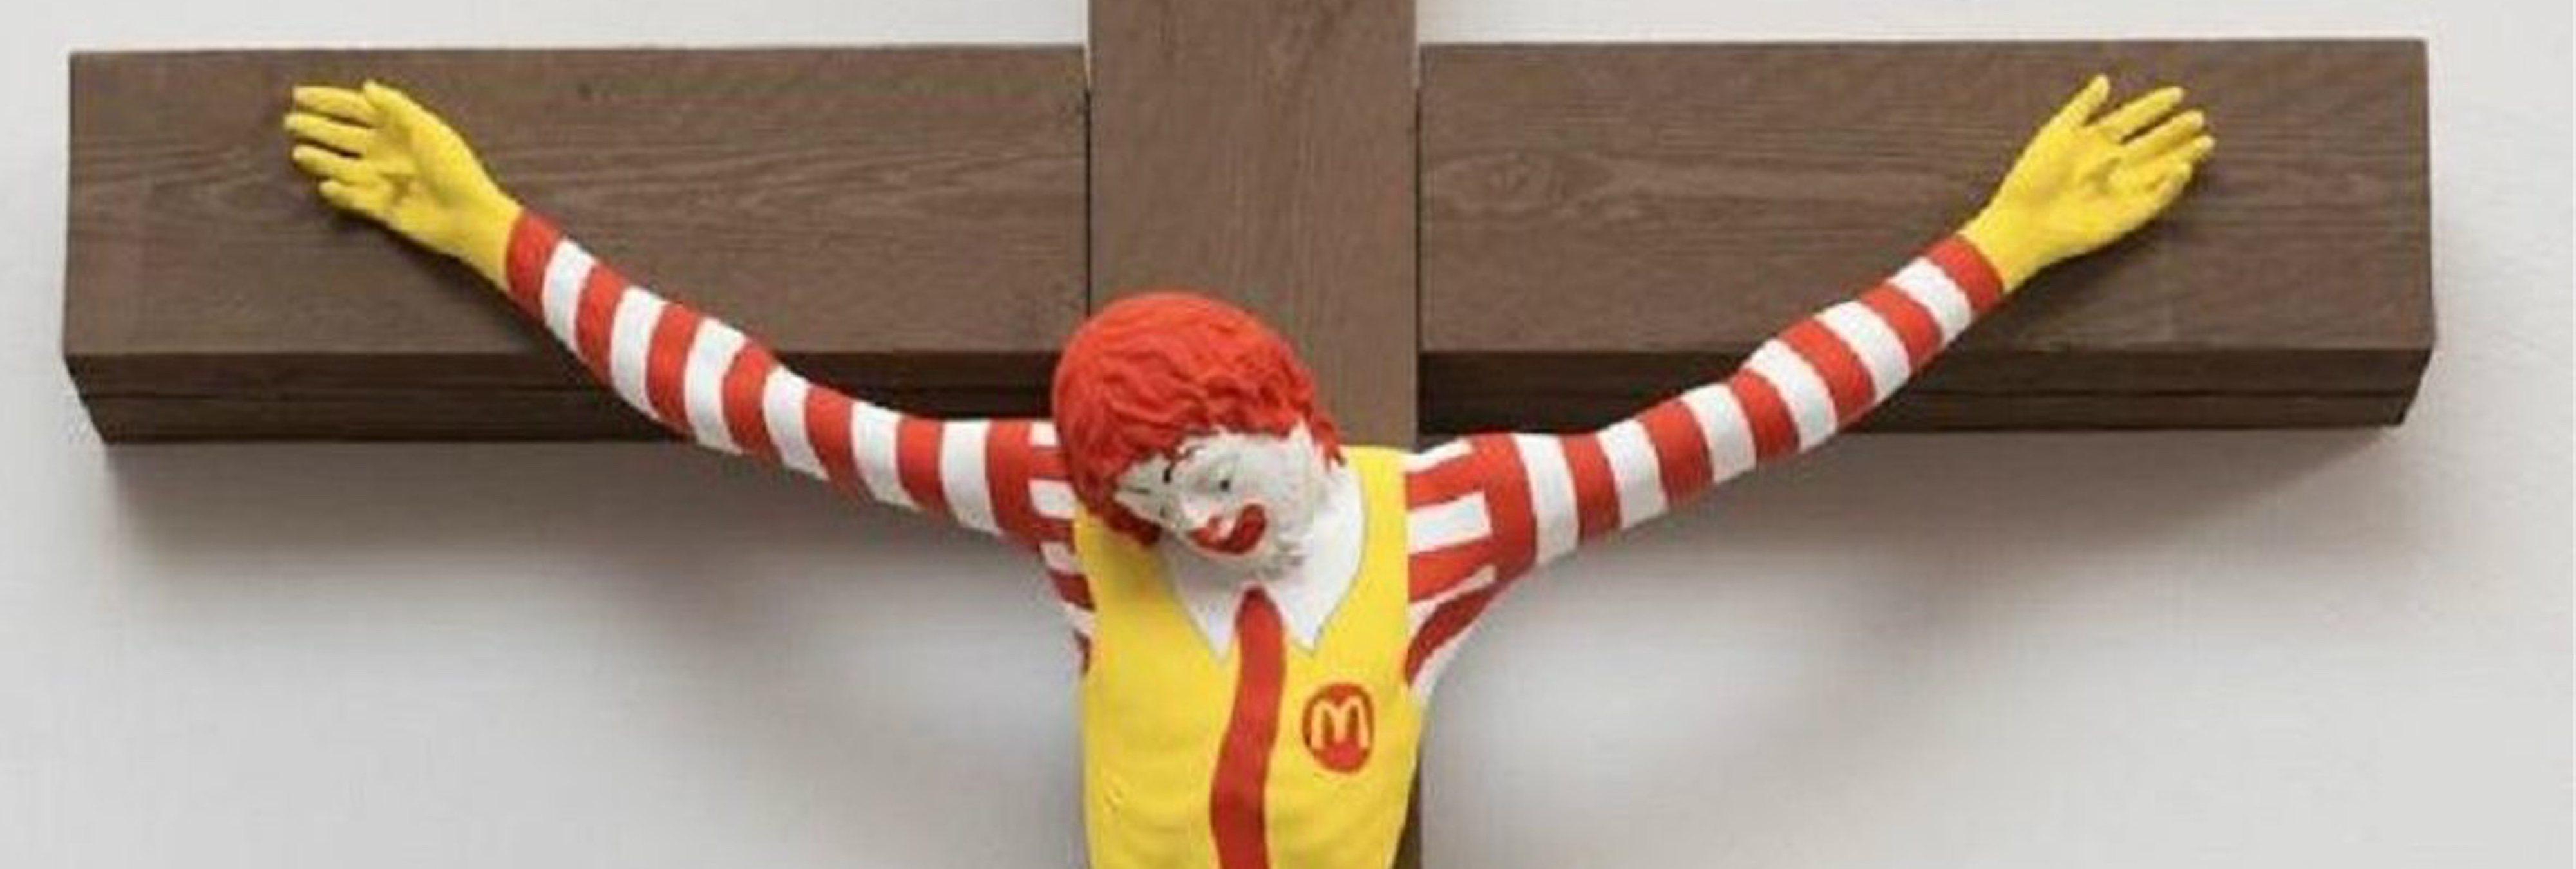 Un museo israelí crucifica a Ronald McDonald y convierte a Barbie en la Virgen María